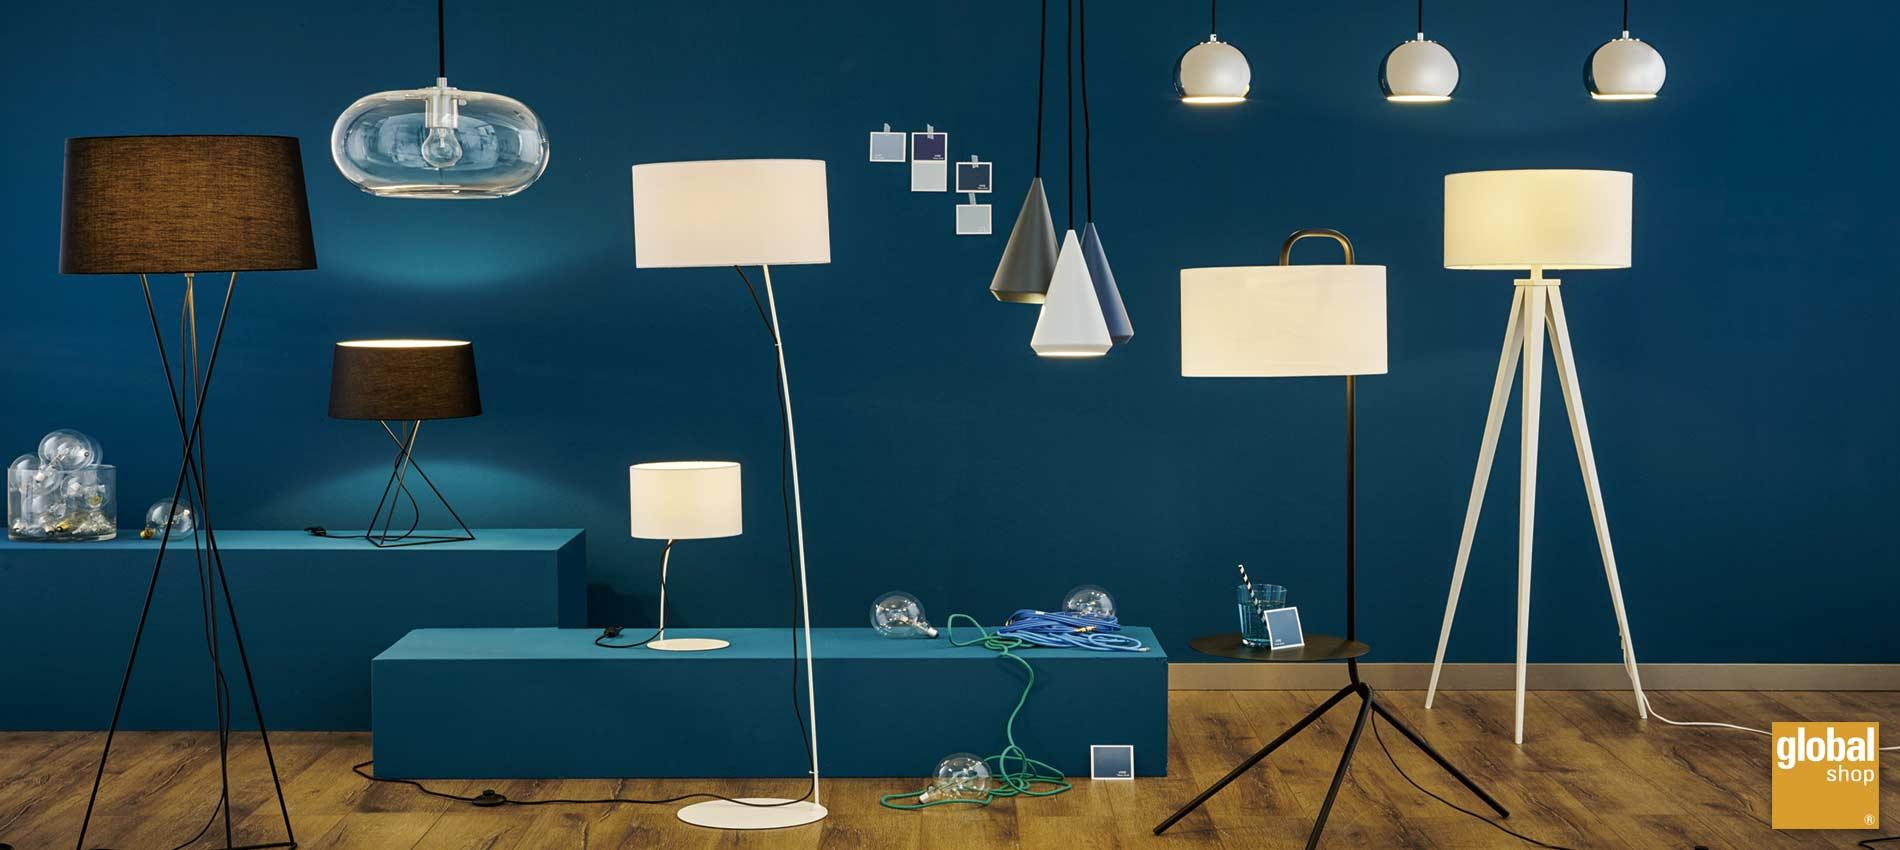 service anfahrt kontakt home. Black Bedroom Furniture Sets. Home Design Ideas